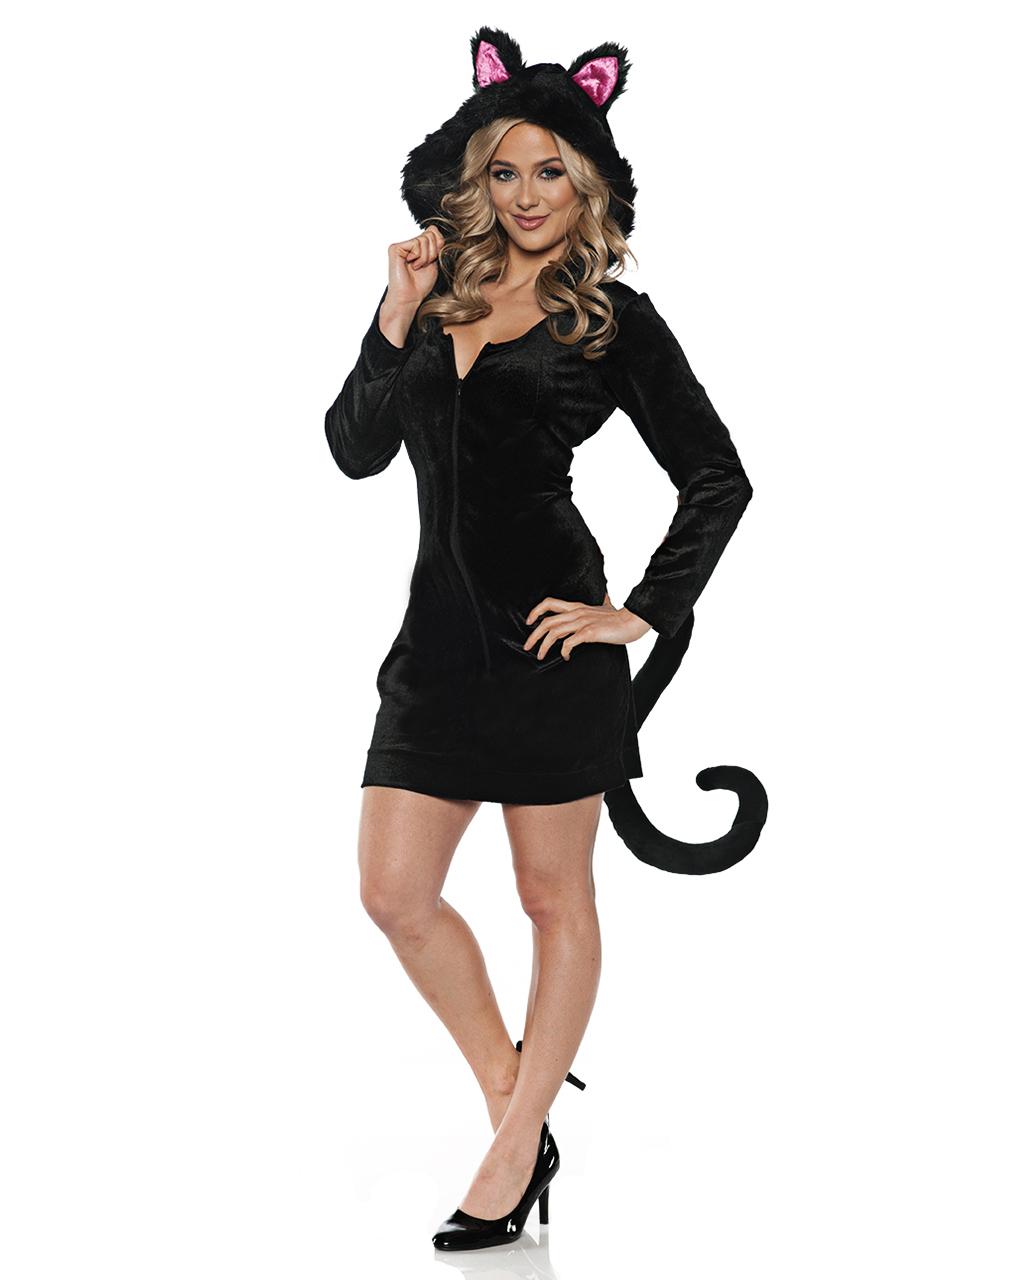 fantasia de gatinha Carnaval